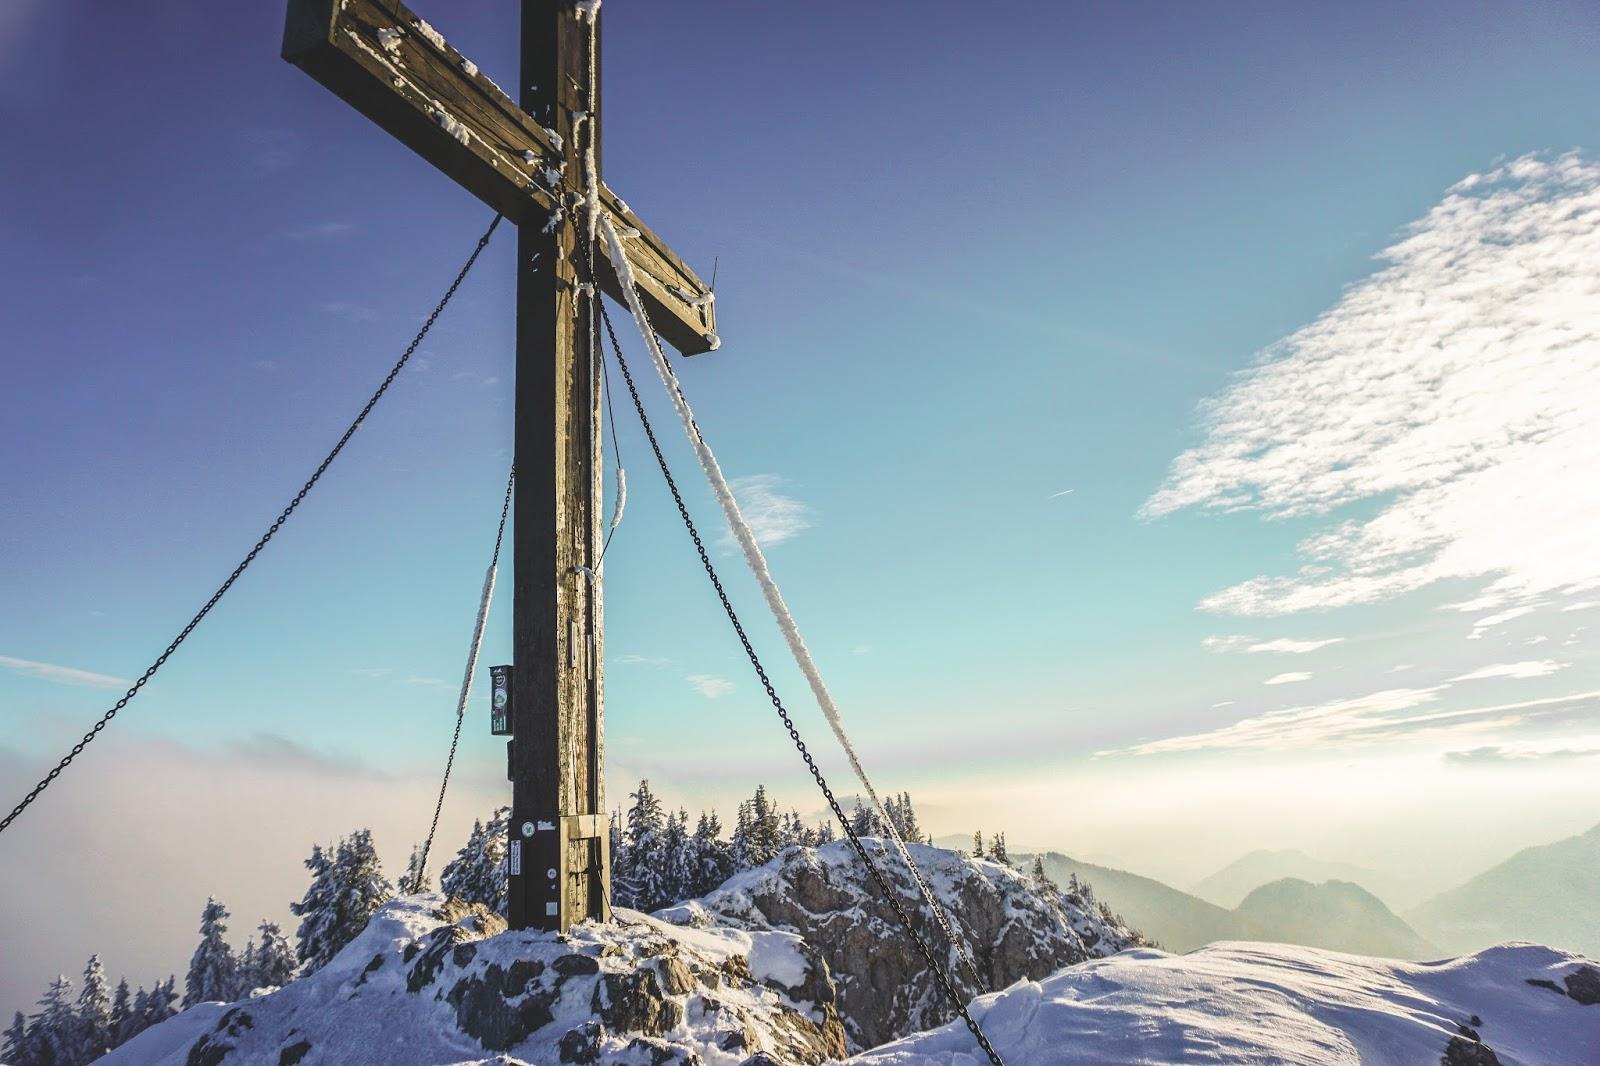 trekking routes near Graz, visitgraz, Graz tourismus, Graz trekking, winter trekking in Austria, Hochlantsch, Mixnitz, lifestyle blog Austria, Hochlantsch summit